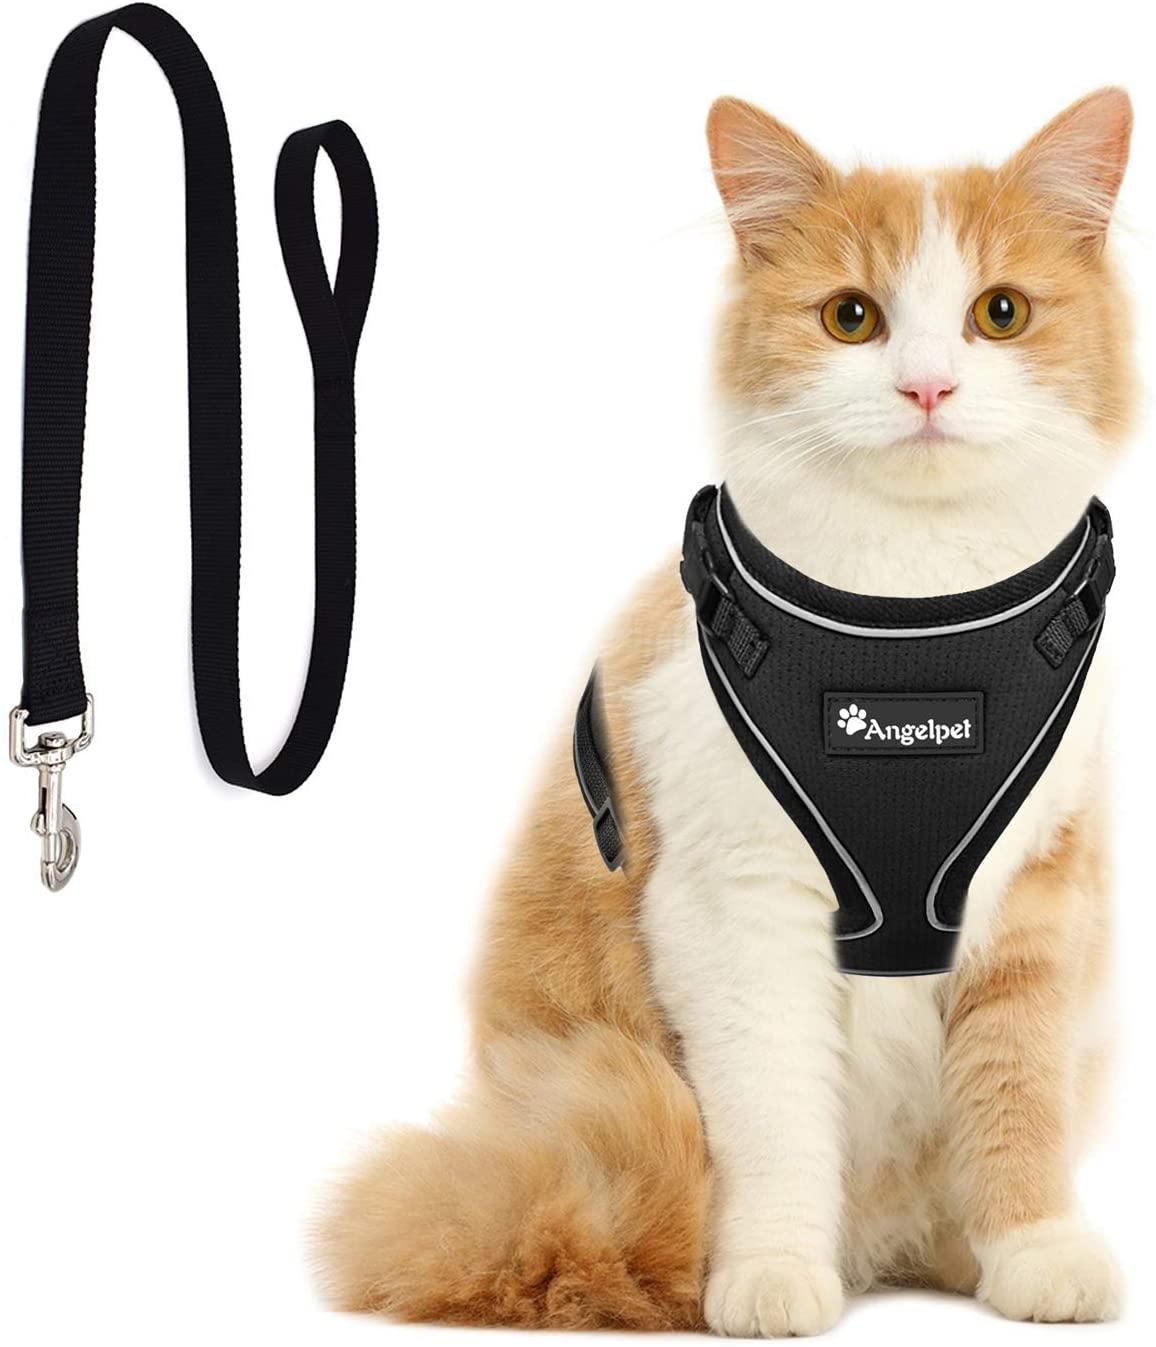 猫用ハーネスの人気おすすめランキング10選【手作り方法も】のサムネイル画像